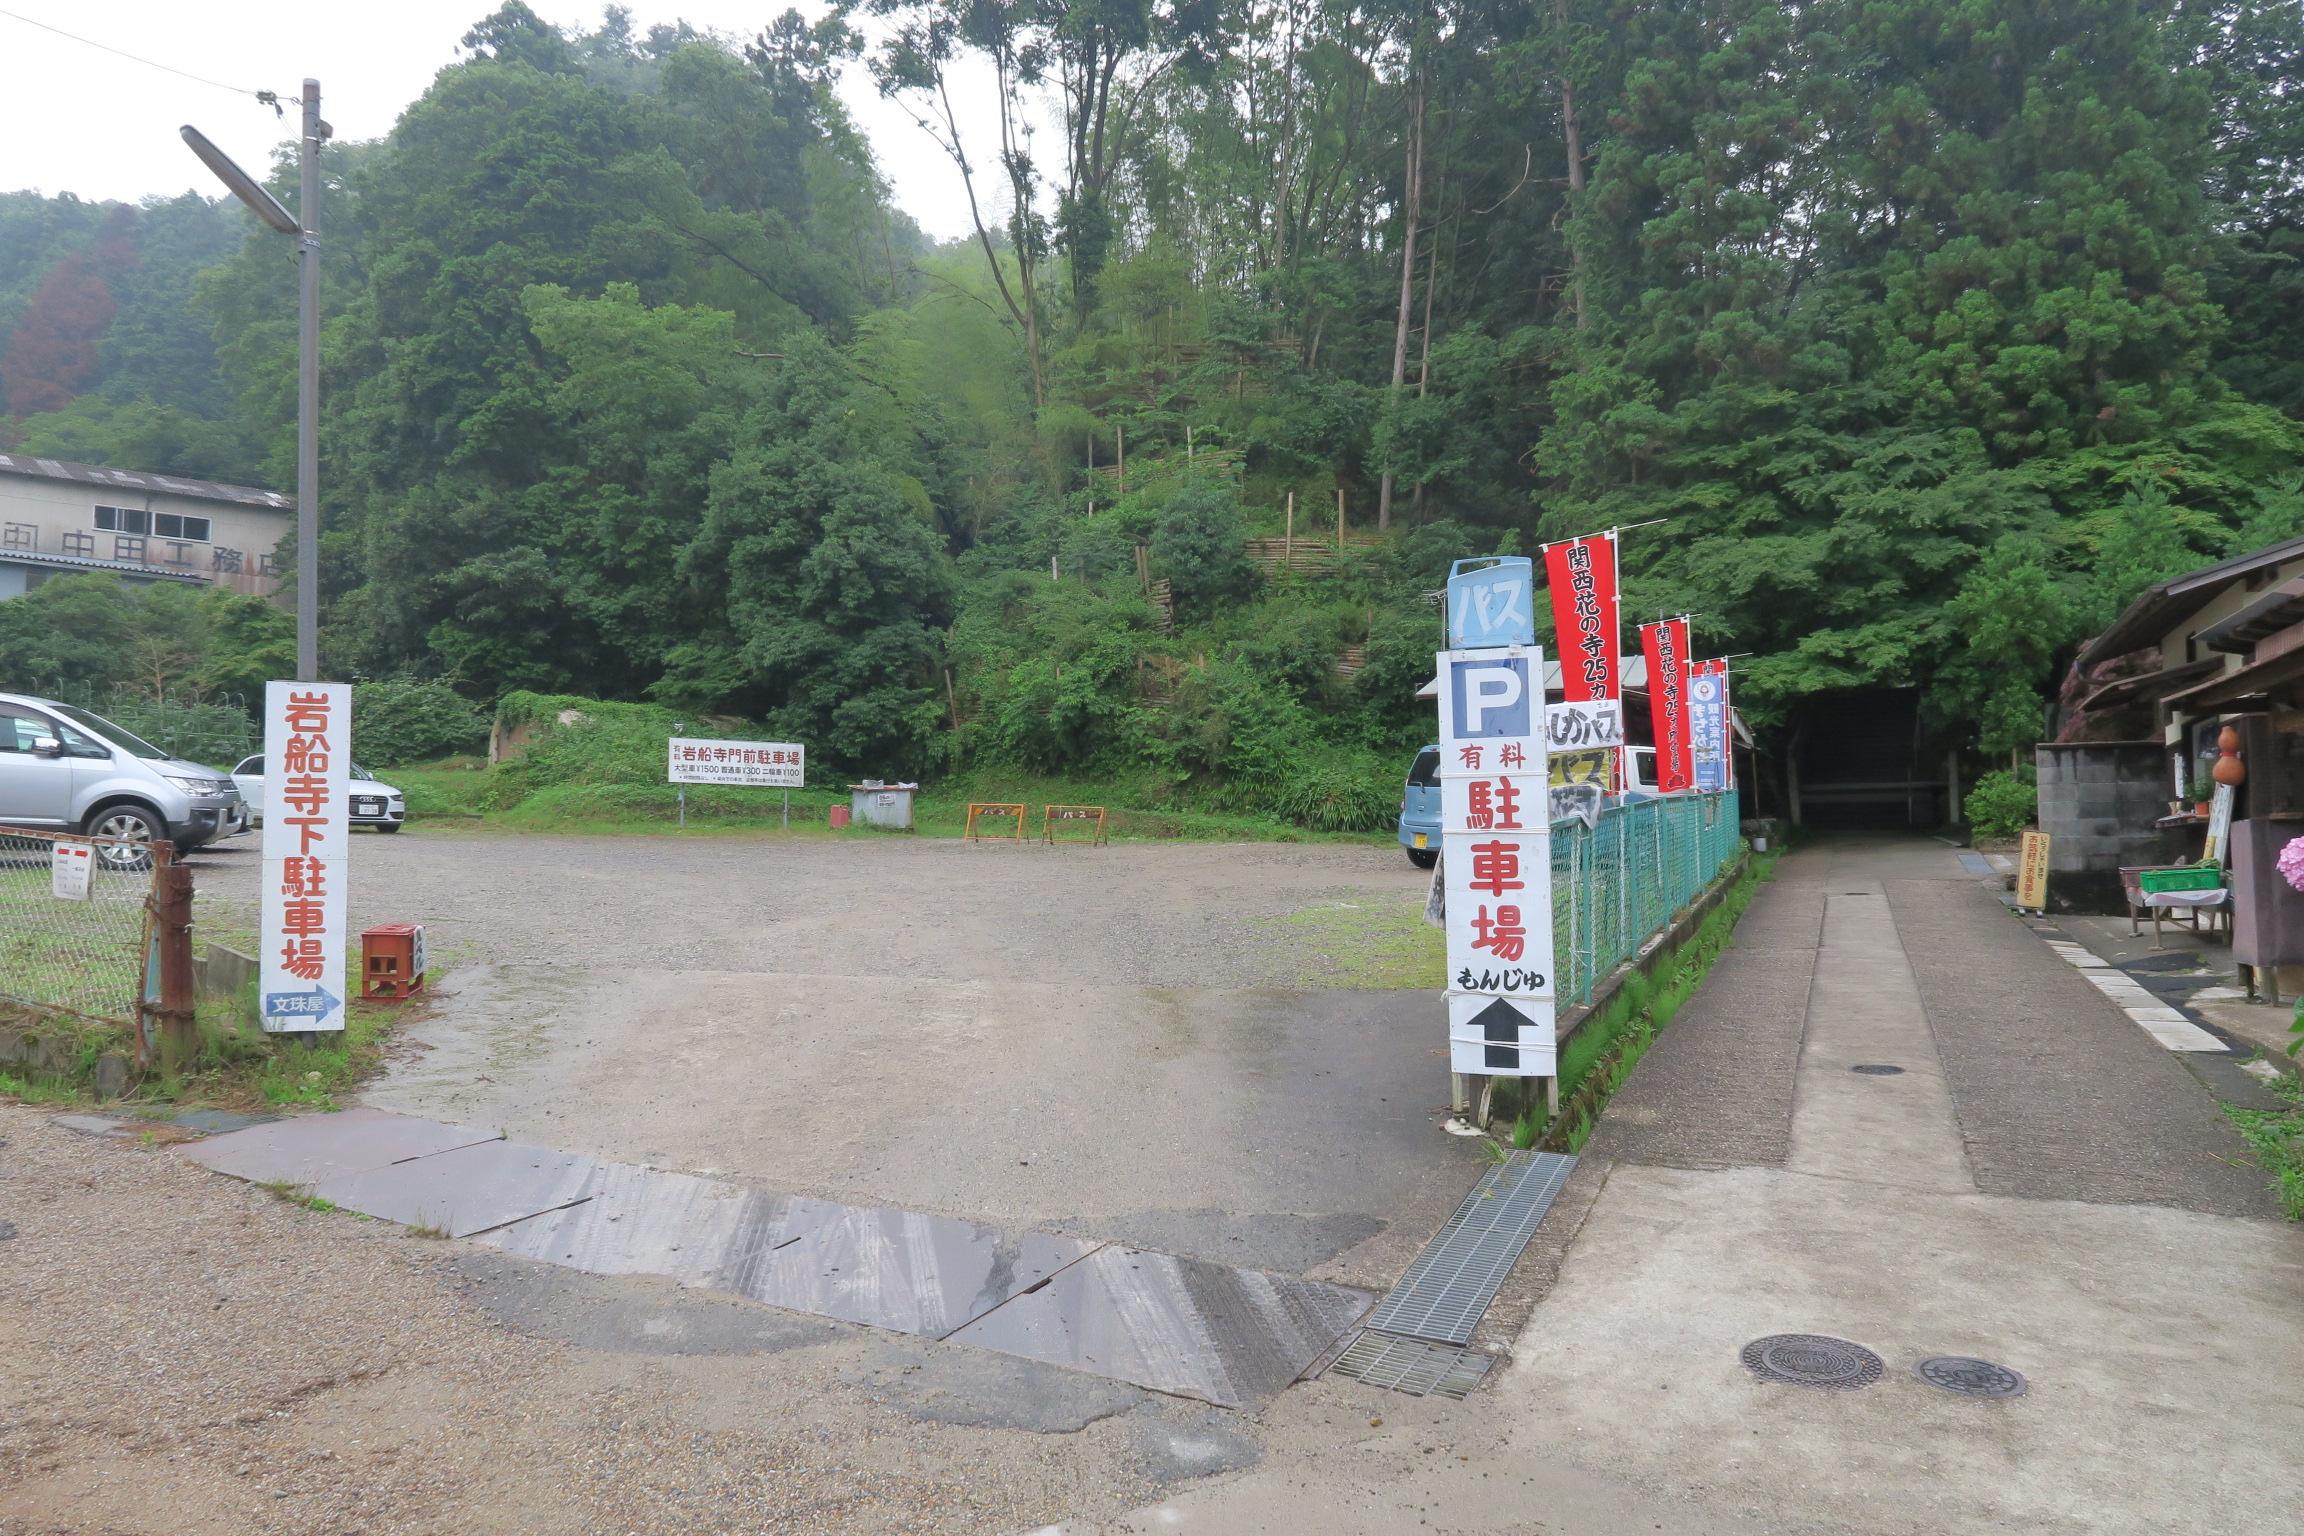 岩船寺横にある駐車場。雨も降っていたせいか、車も少なかったです。